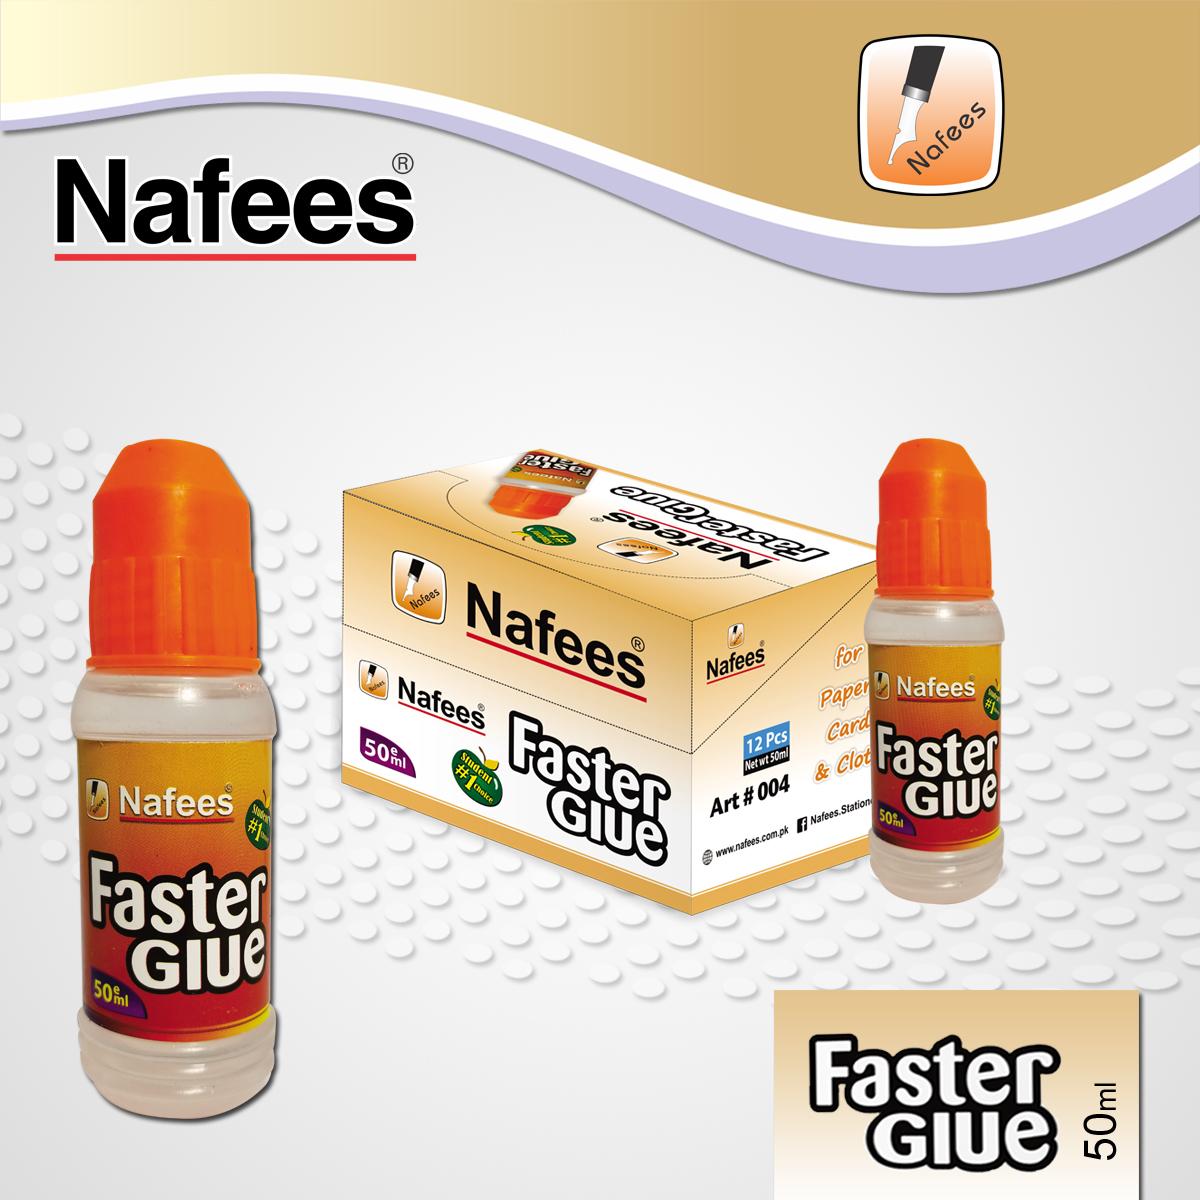 50ml Faster Glue